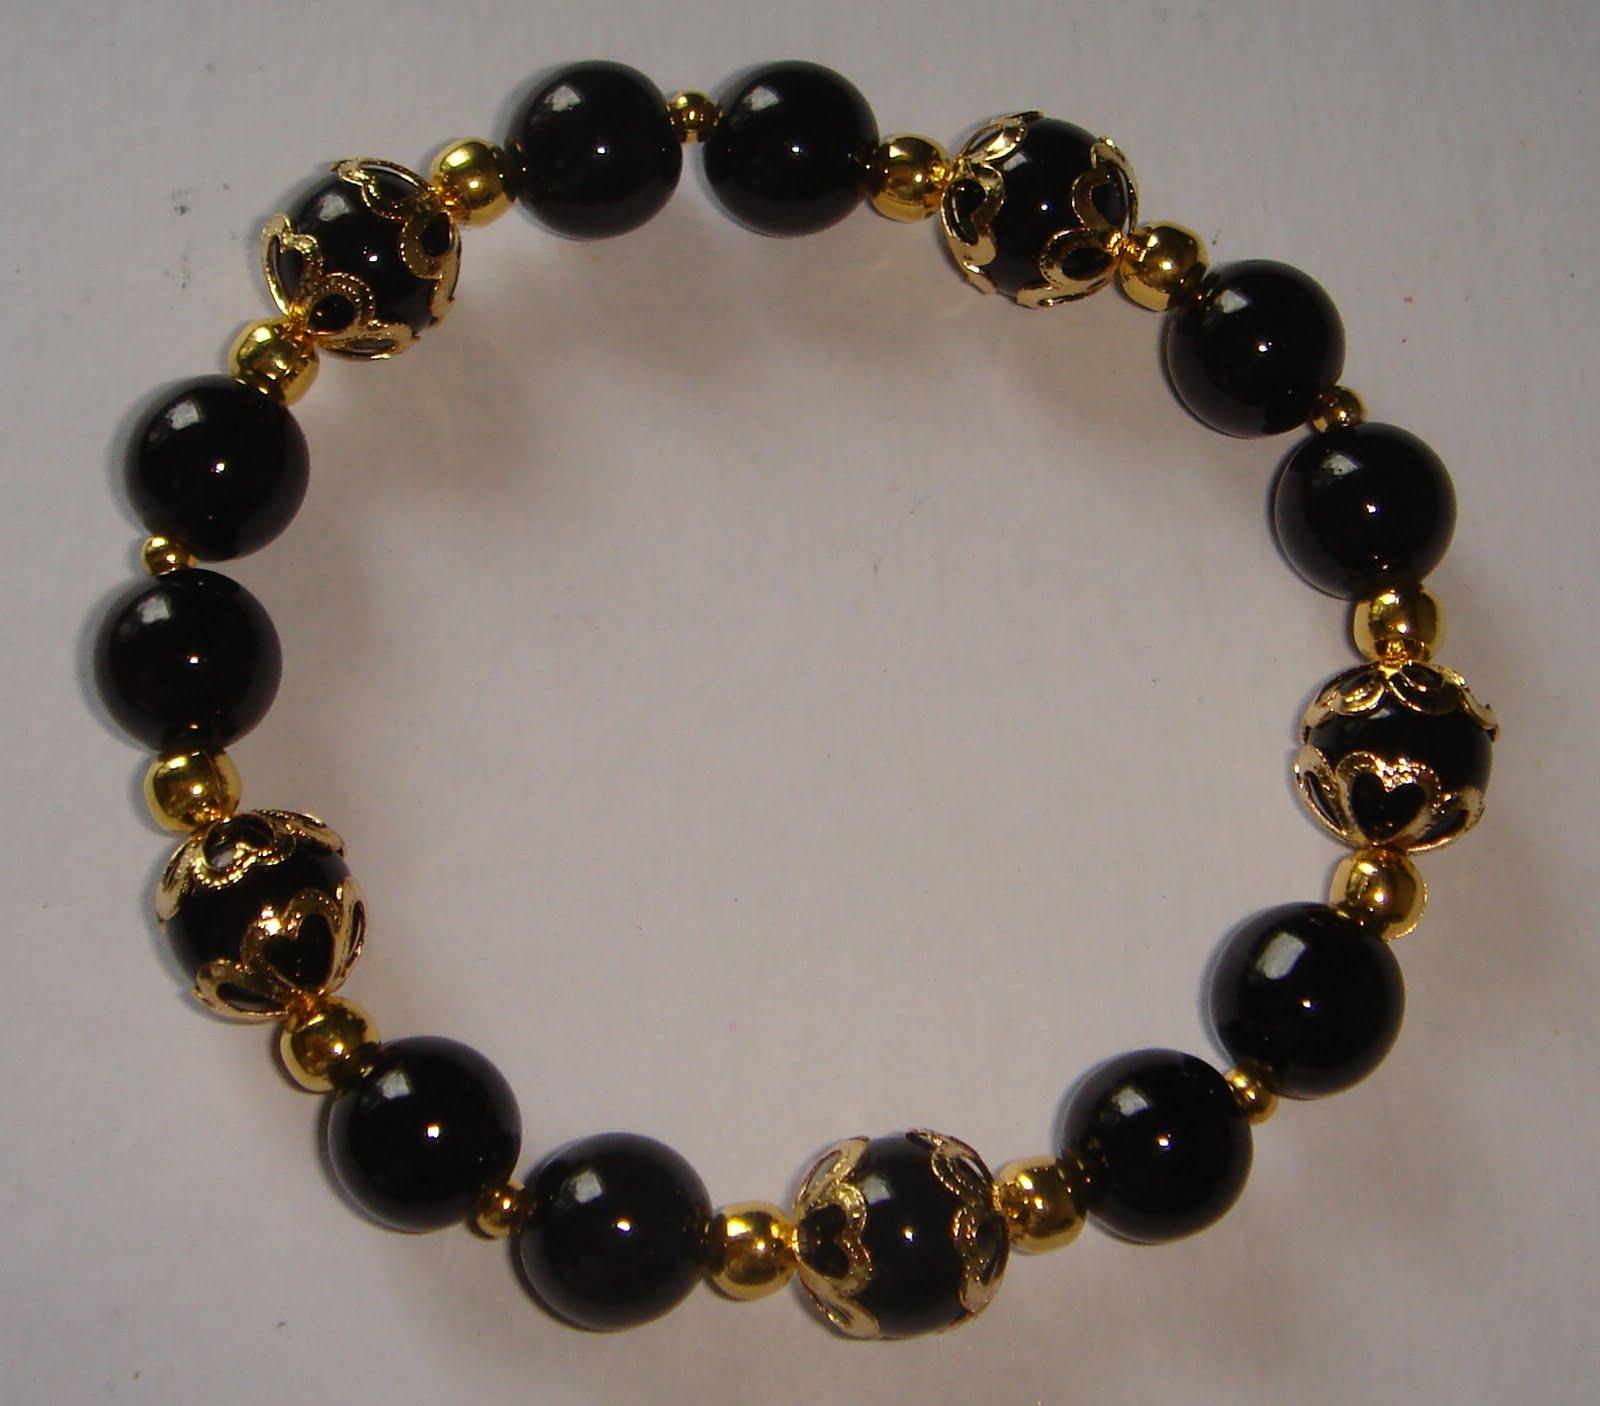 104 B 70 Collar de piedras negras con detalle en corazón dorado. Pulsera y aros.